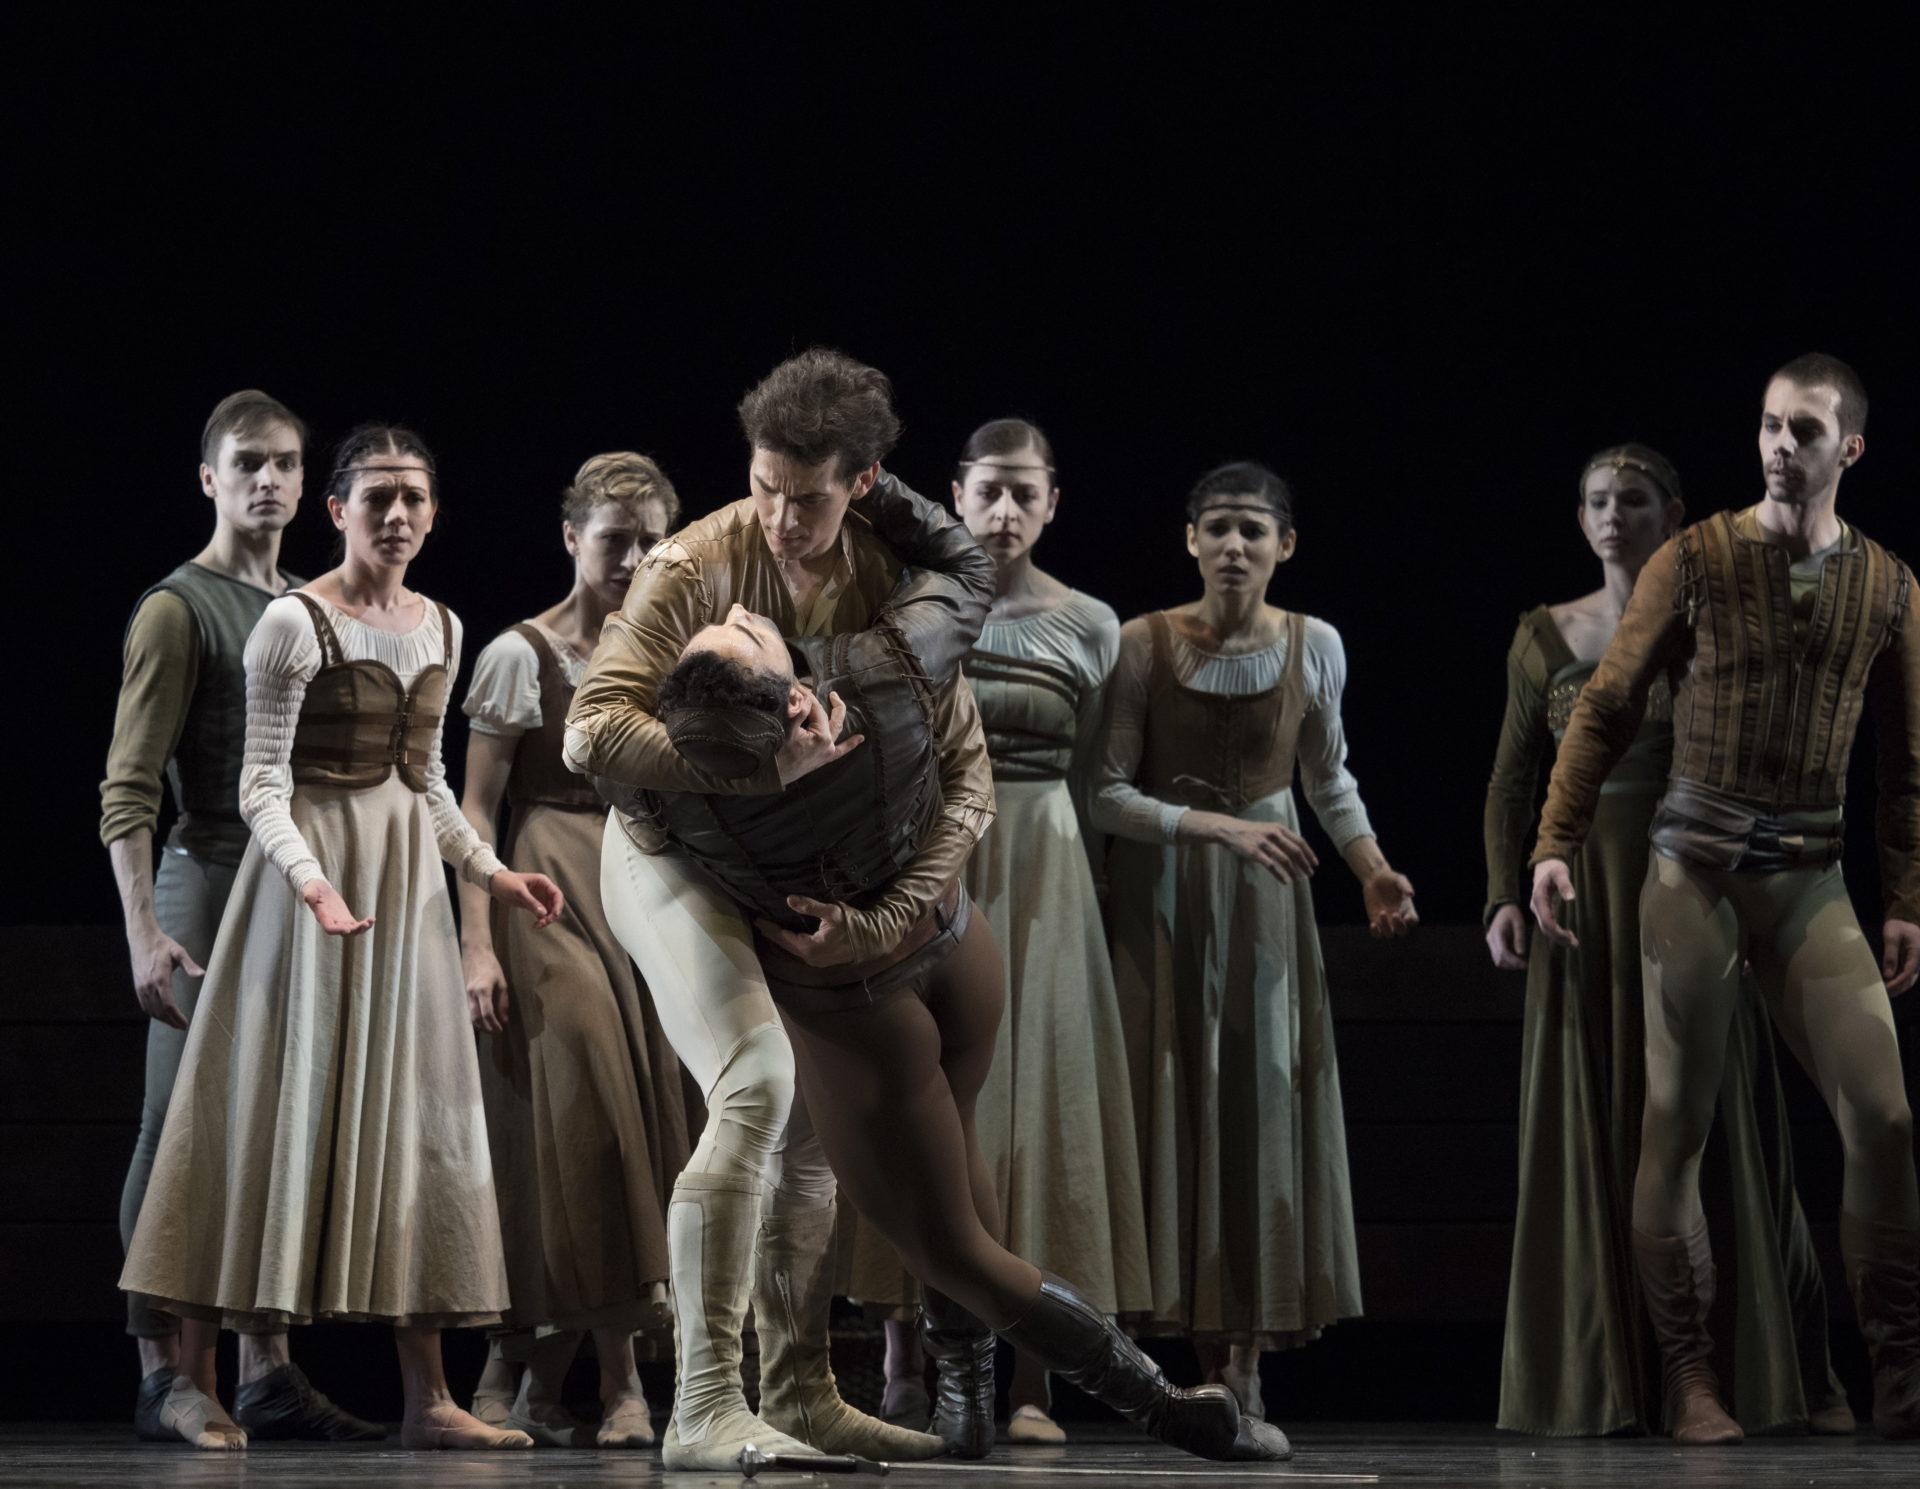 Sergei Prokofjew Romeo Und Julia Staatsoper Berlin 5 Mai 2018